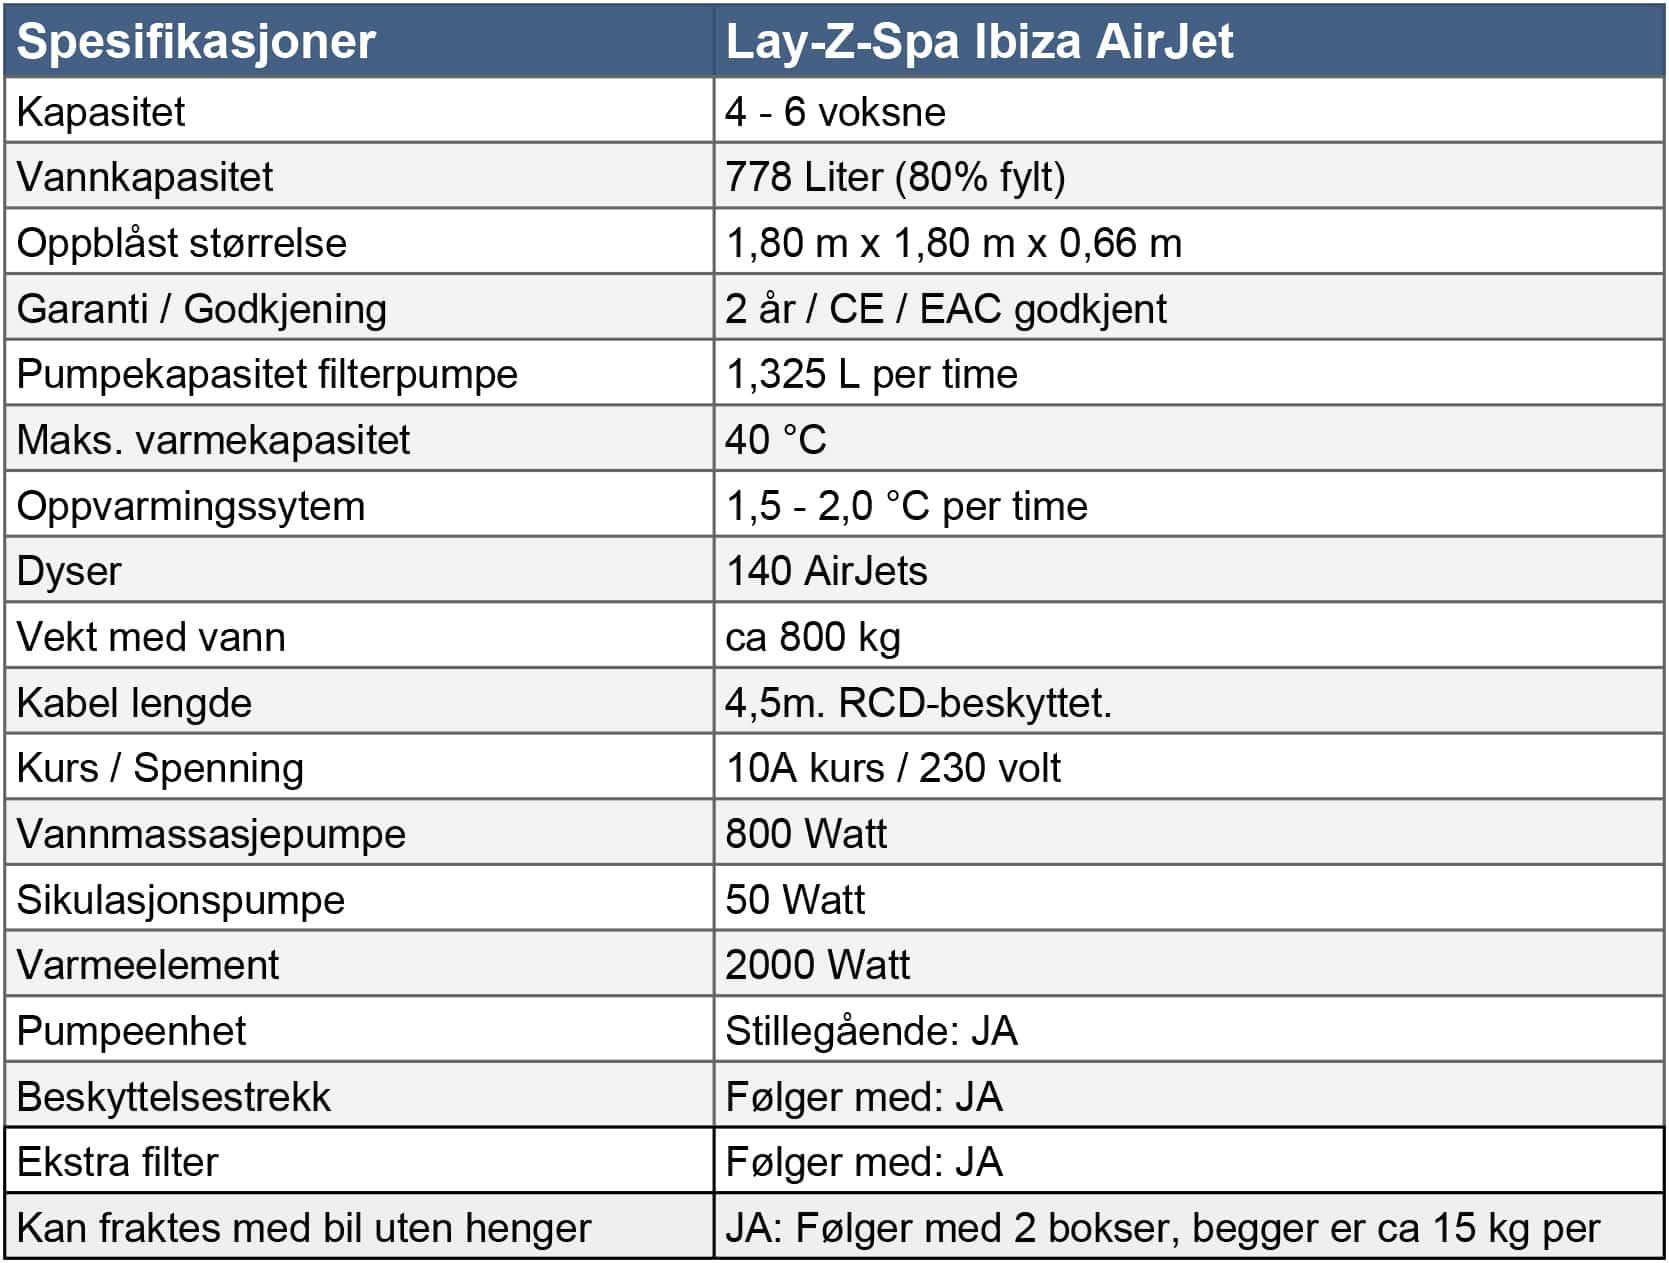 Spesifikasjoner Lay-Z-Spa Ibiza AirJet